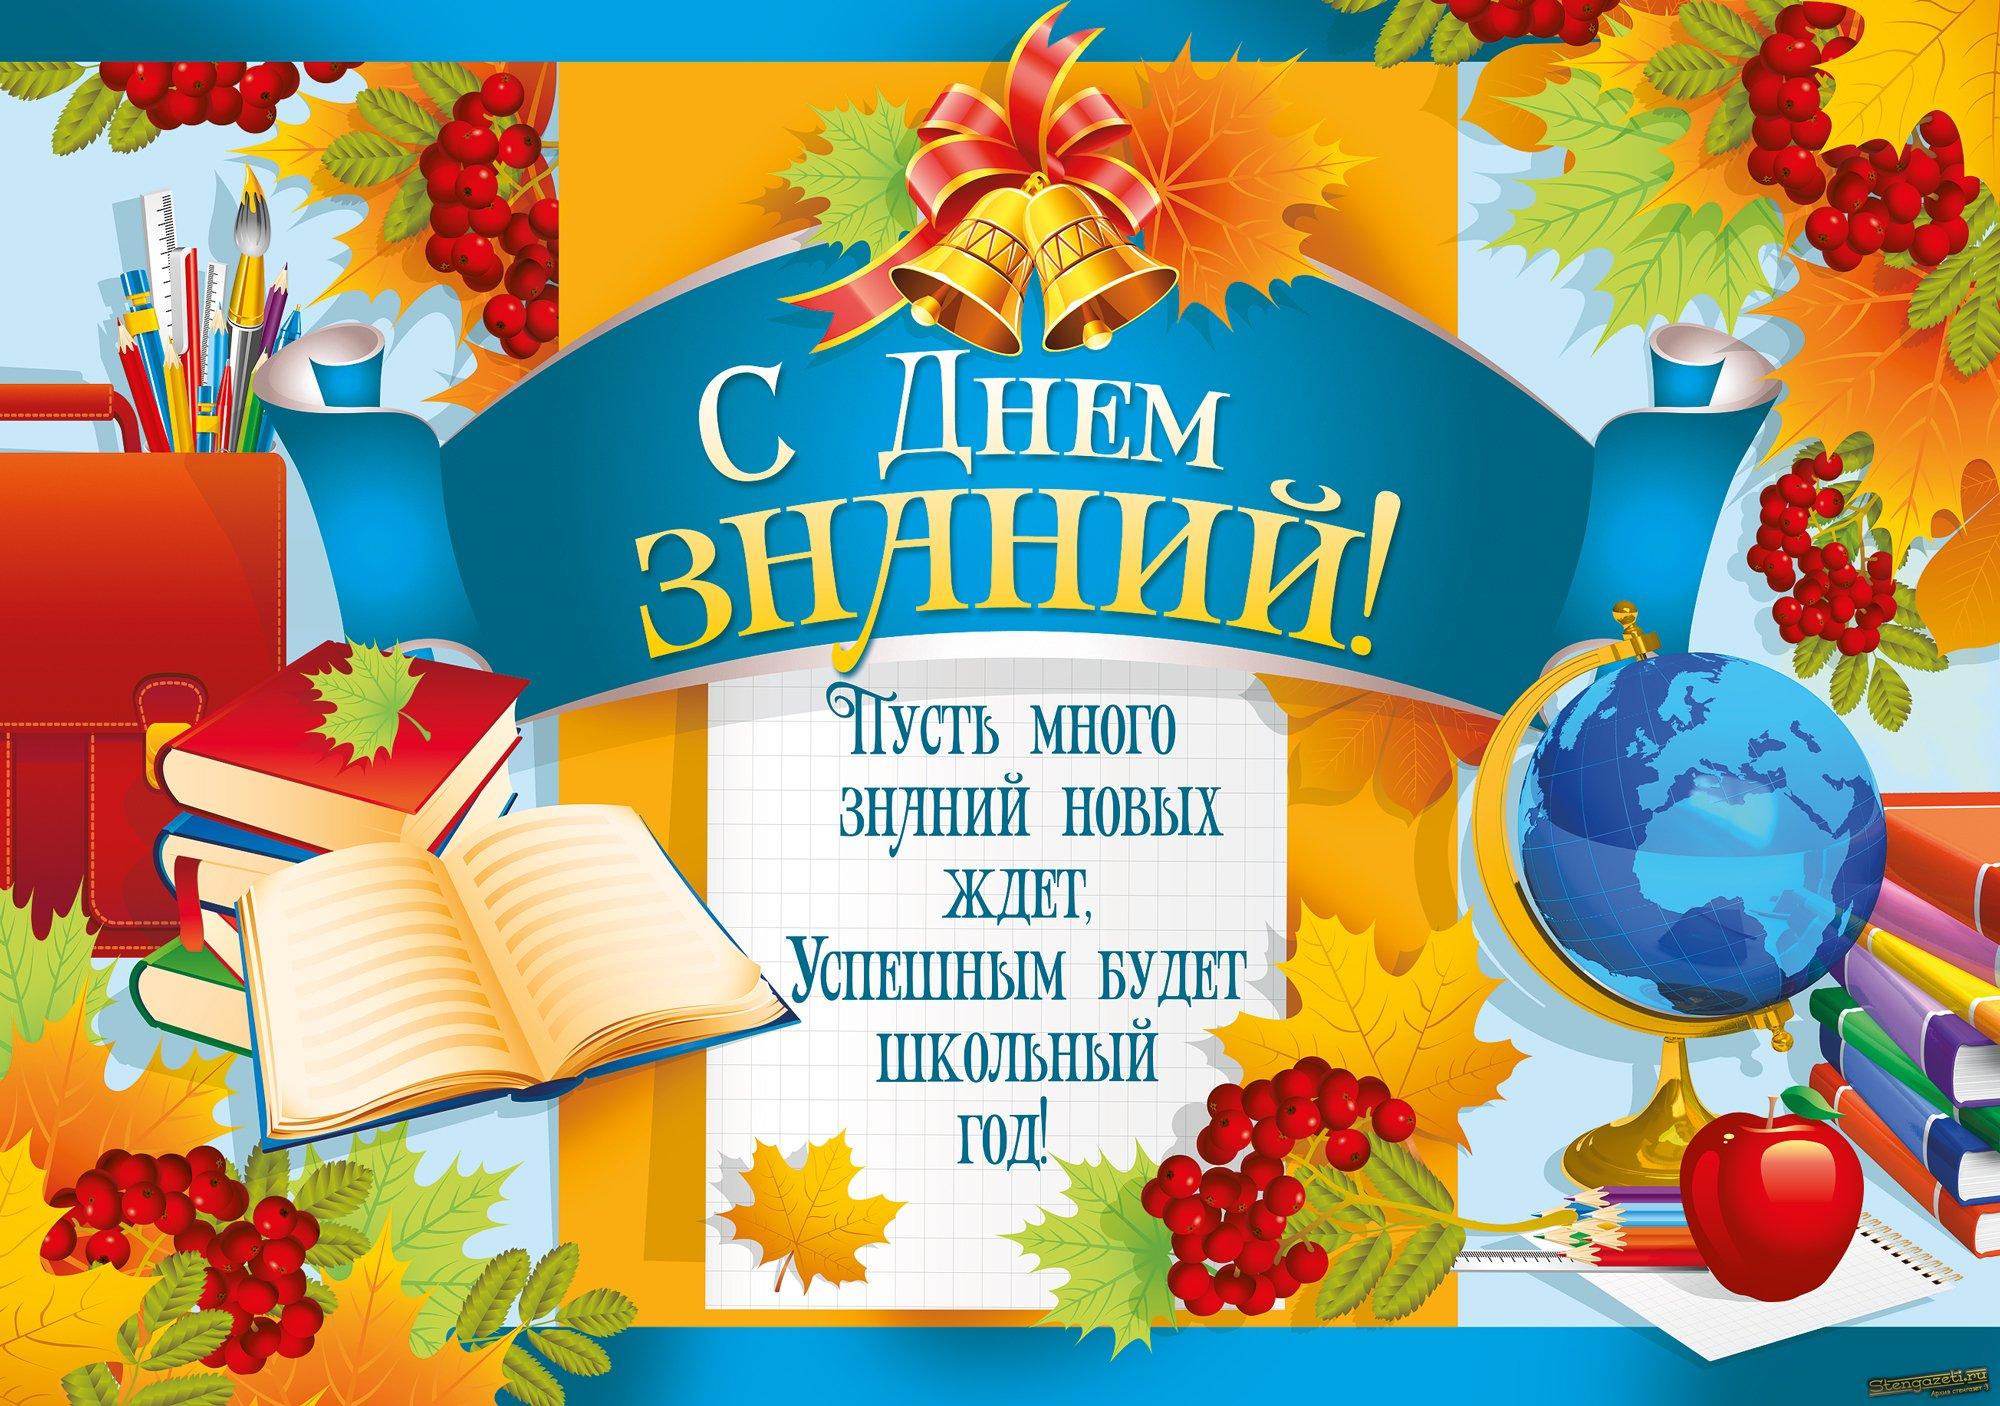 Поздравление на день знаний ученикам